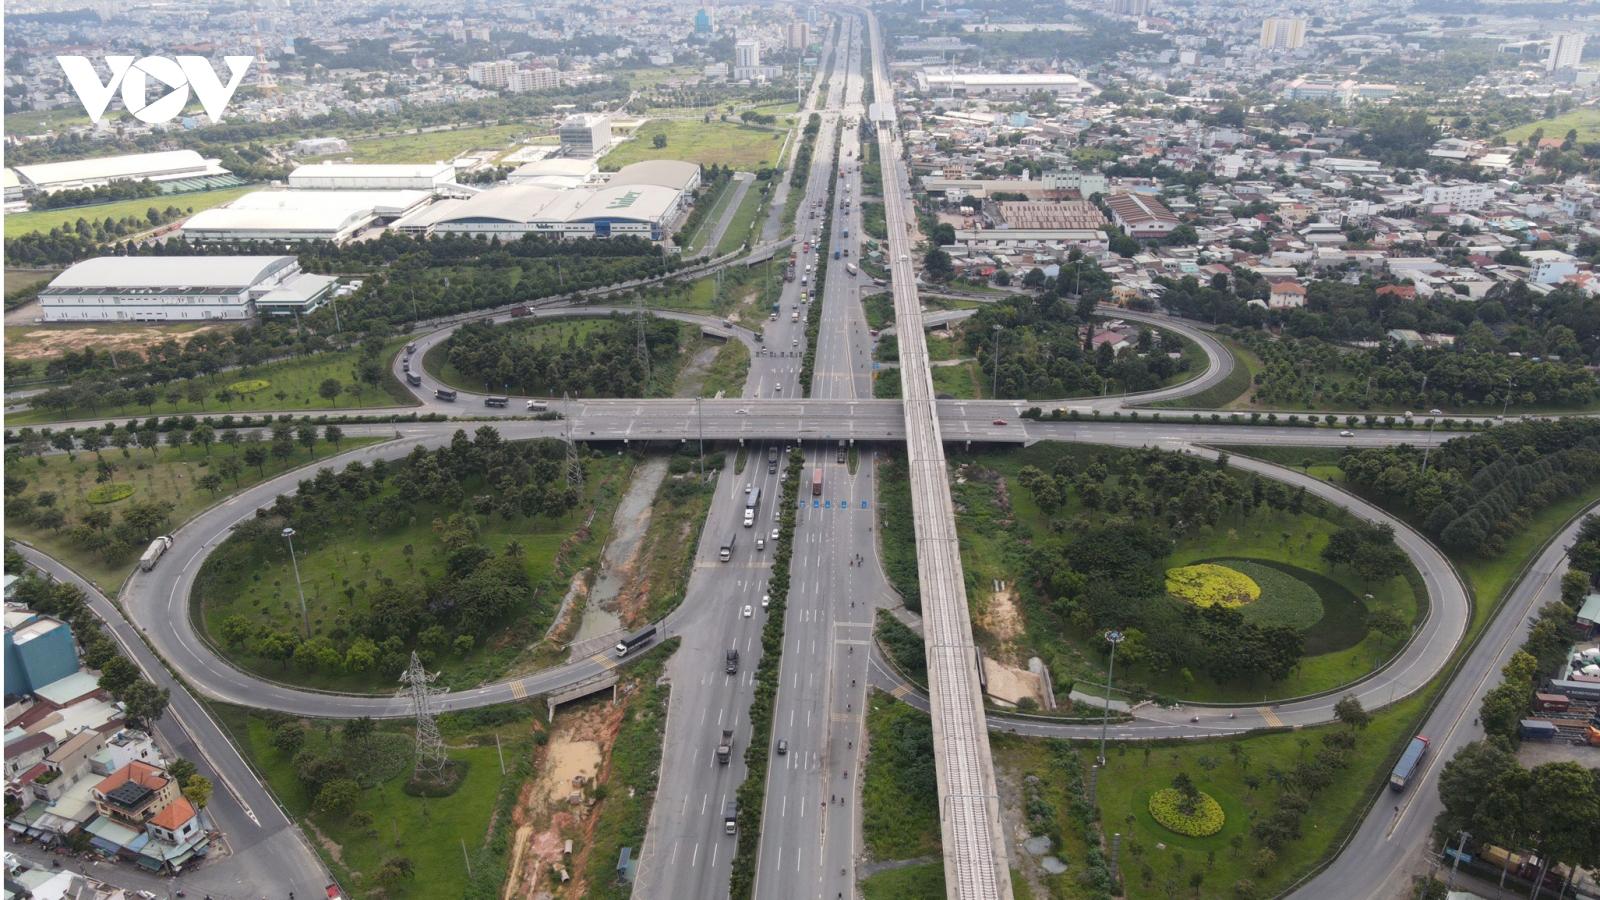 Giao thông của TPHCM với các tỉnh lân cận đang quá tải